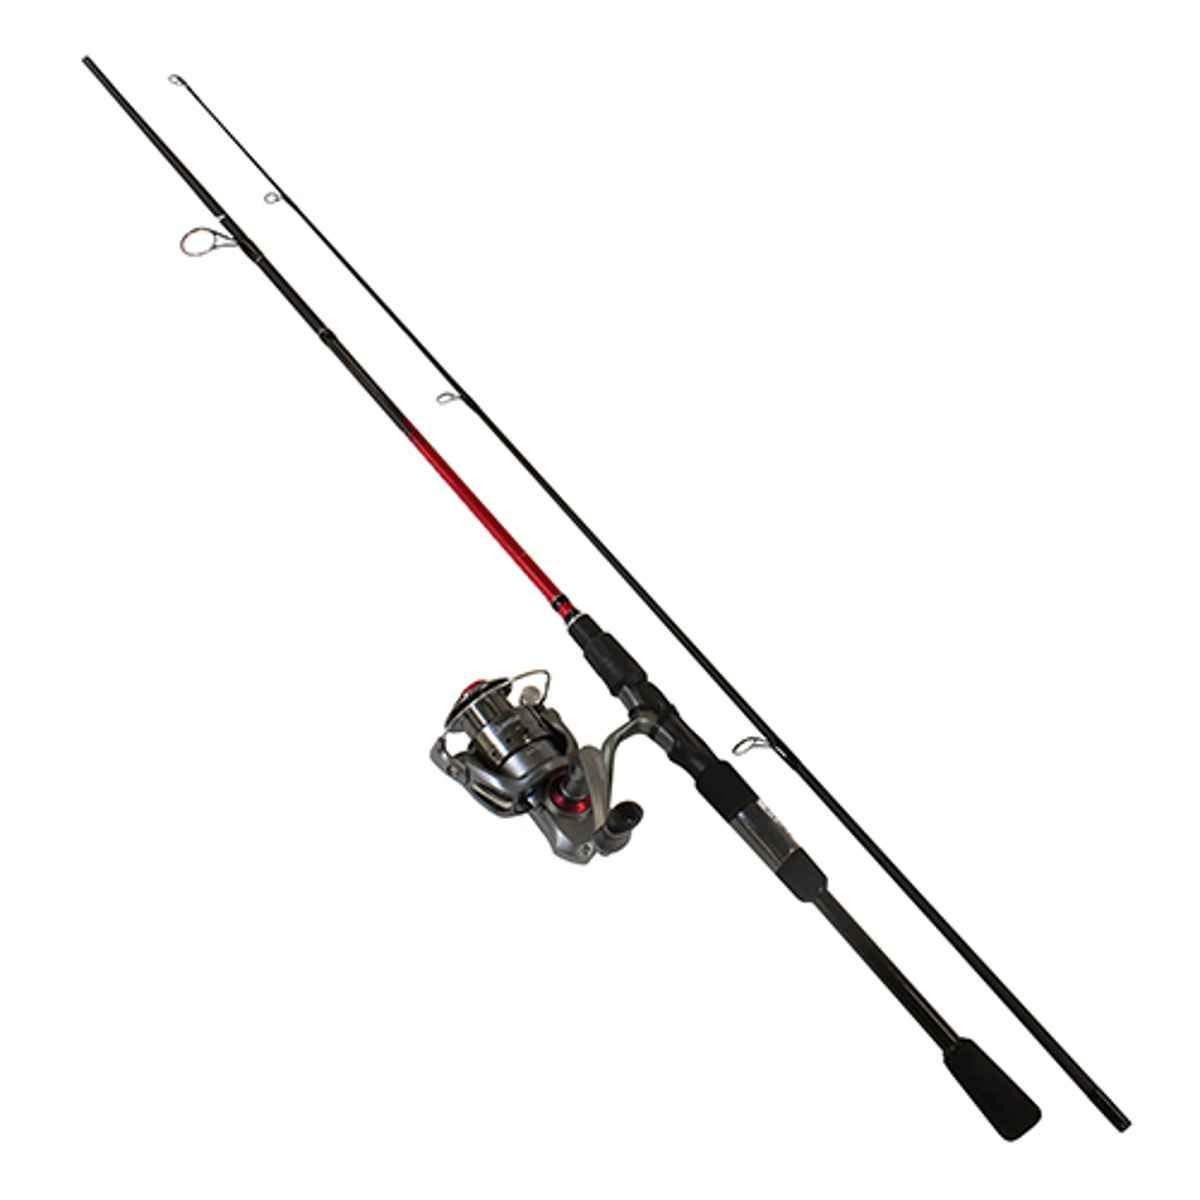 Quantum Fishing Optix Optix 30サイズ 30サイズ スピニングリール 6フィート6インチ 2ピース B07HRD1Z99 ミディアムロッド B07HRD1Z99, ツールエクスプレス:88f09e49 --- ferraridentalclinic.com.lb